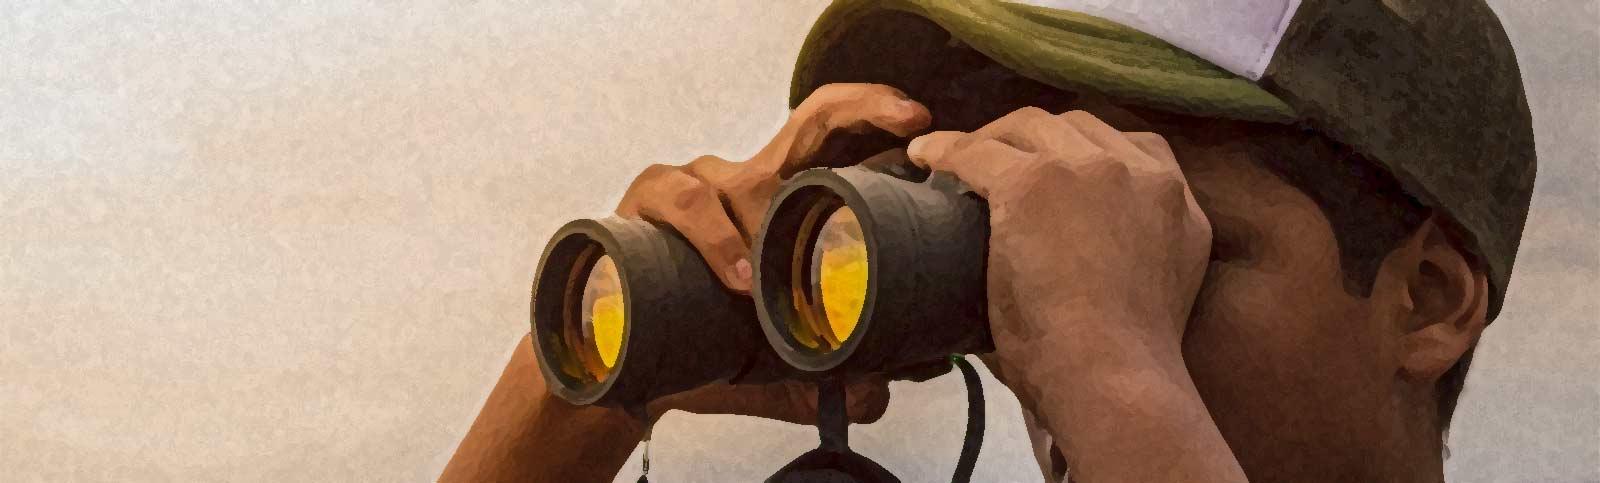 When Should Employers Hire Private Investigators?